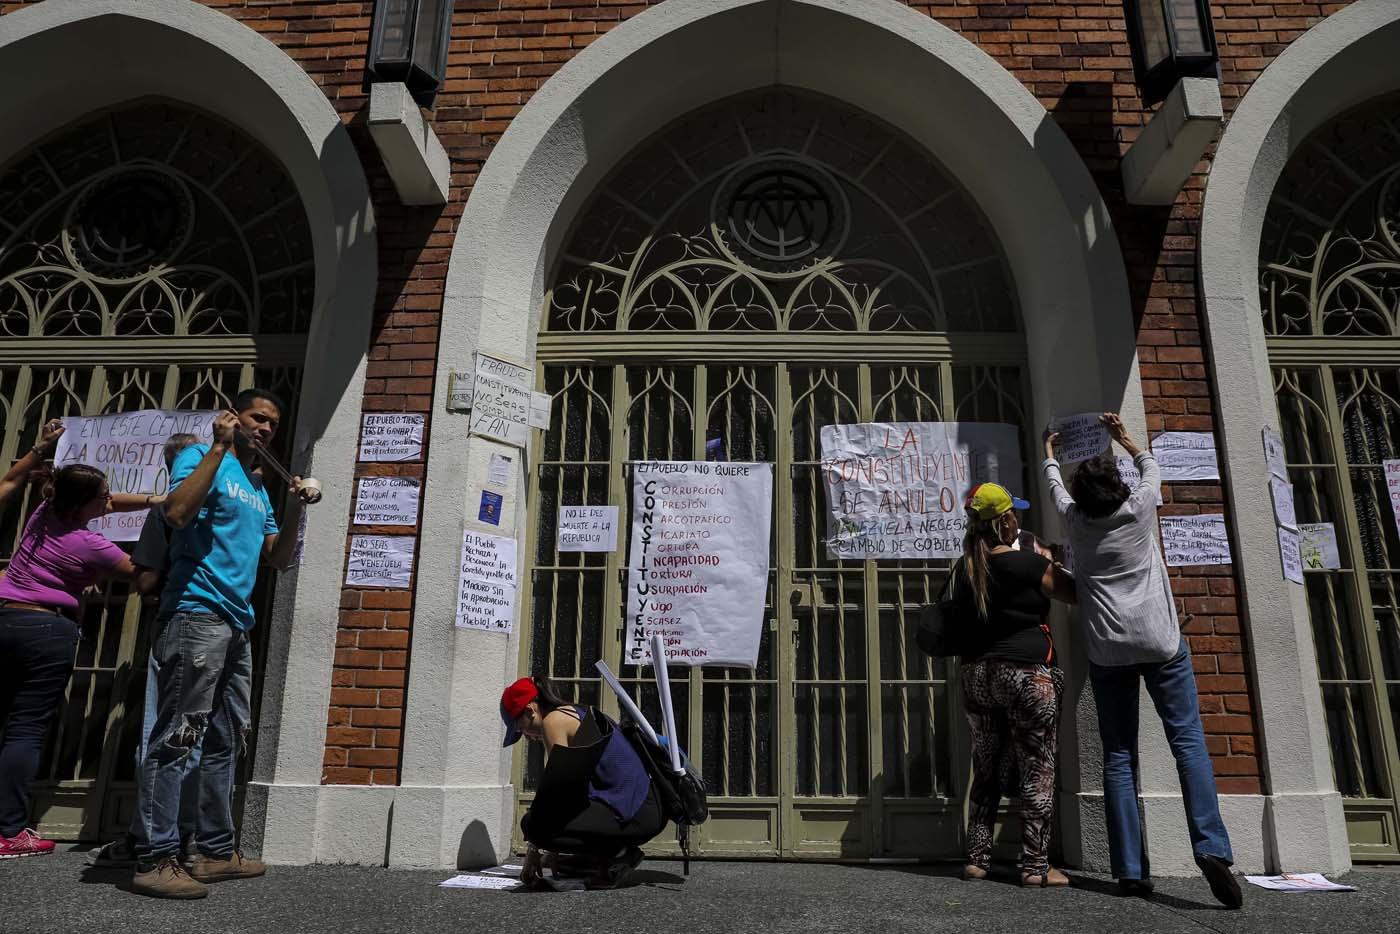 CAR10. CARACAS (VENEZUELA), 24/07/2017.- Manifestantes pegan carteles en rechazo a la Asamblea Constituyente hoy, lunes 24 de julio de 2017, en un colegio electoral de Caracas (Venezuela). Venezuela inicia hoy la semana decisiva para la elección de la Asamblea Nacional Constituyente convocada por el presidente, Nicolás Maduro, con los oficialistas entrando en la recta final de su campaña en medio de protestas y llamados a paro de los opositores en rechazo a esos comicios. EFE/Miguel Gutiérrez